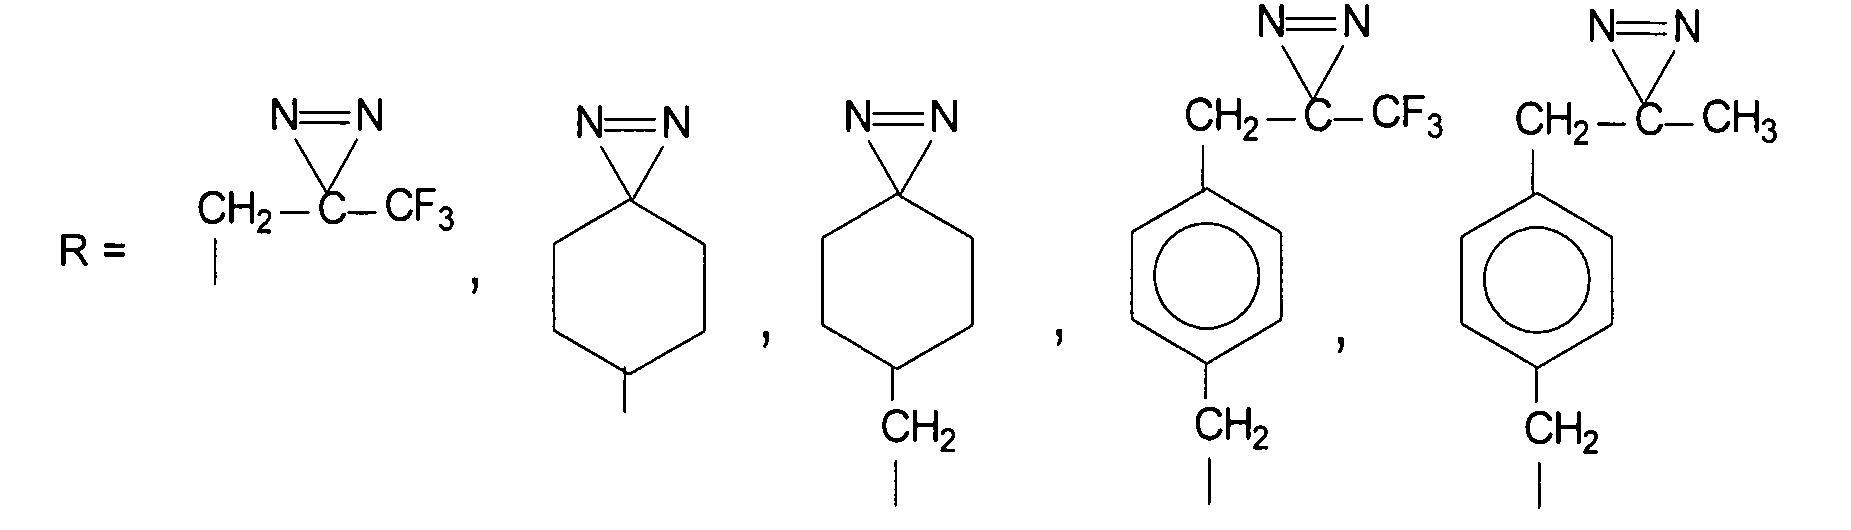 Figure DE112016005378T5_0042